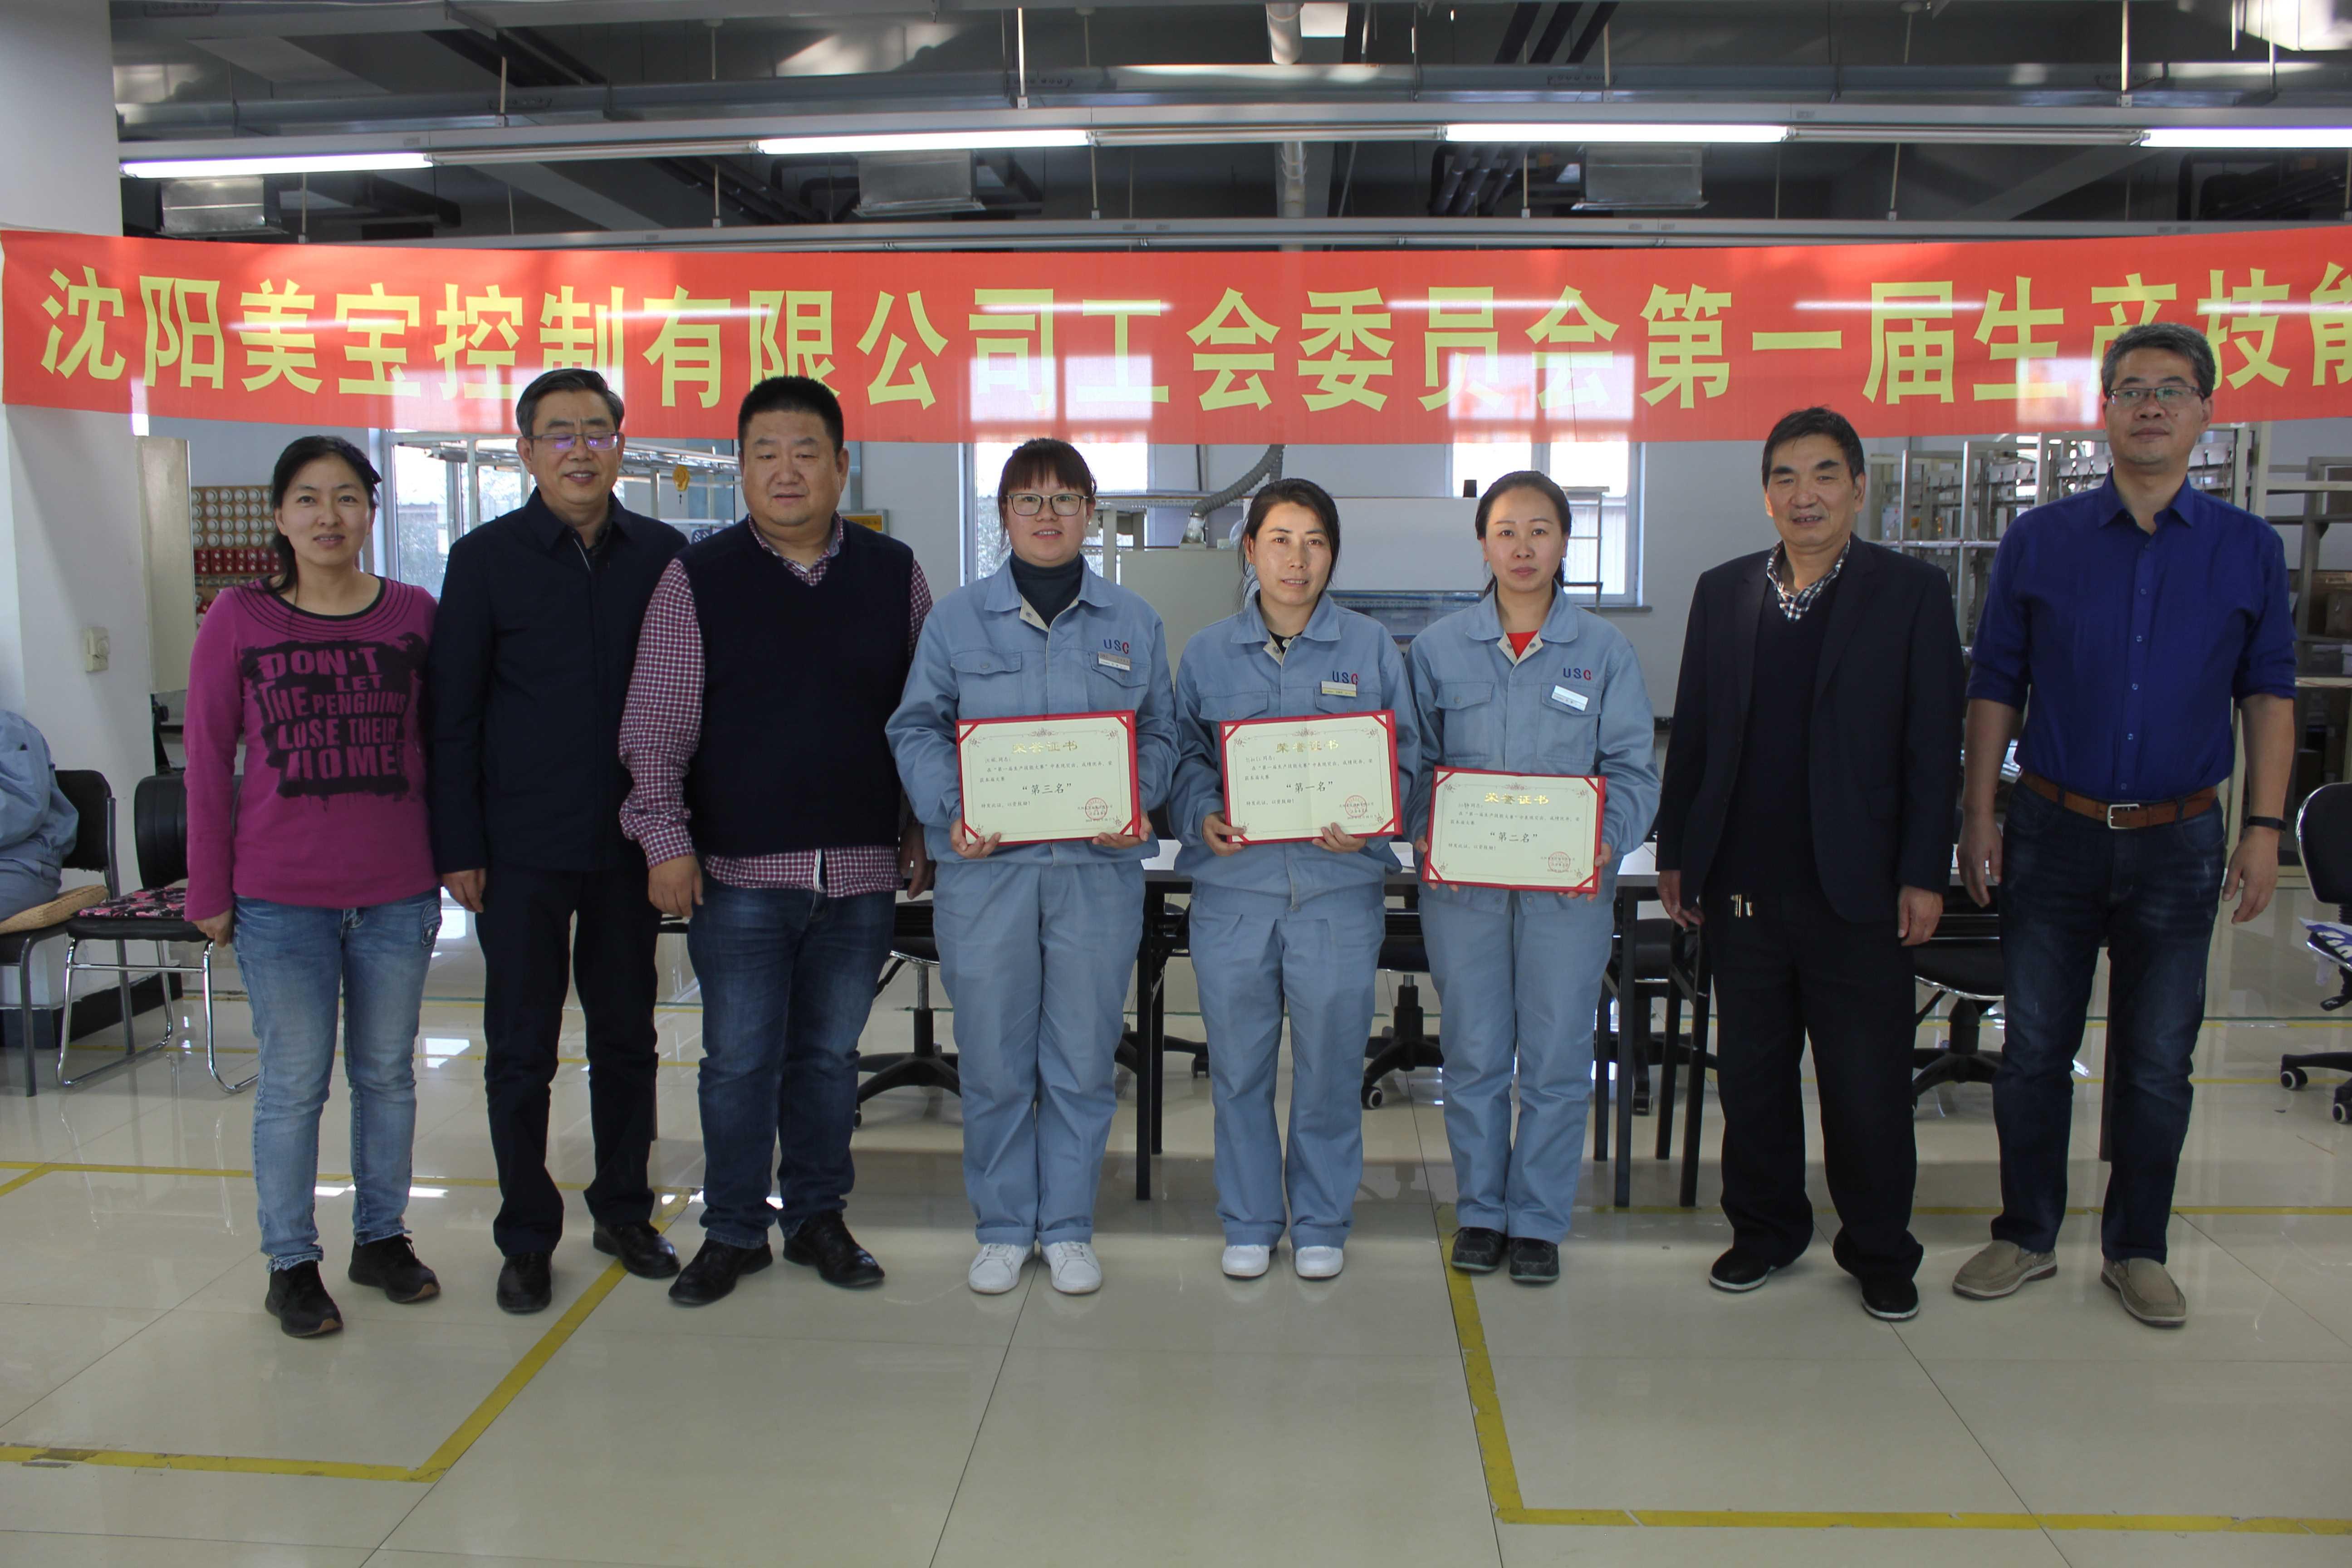 美寶公司工會委員會首屆職工生産技能大賽圓滿舉行